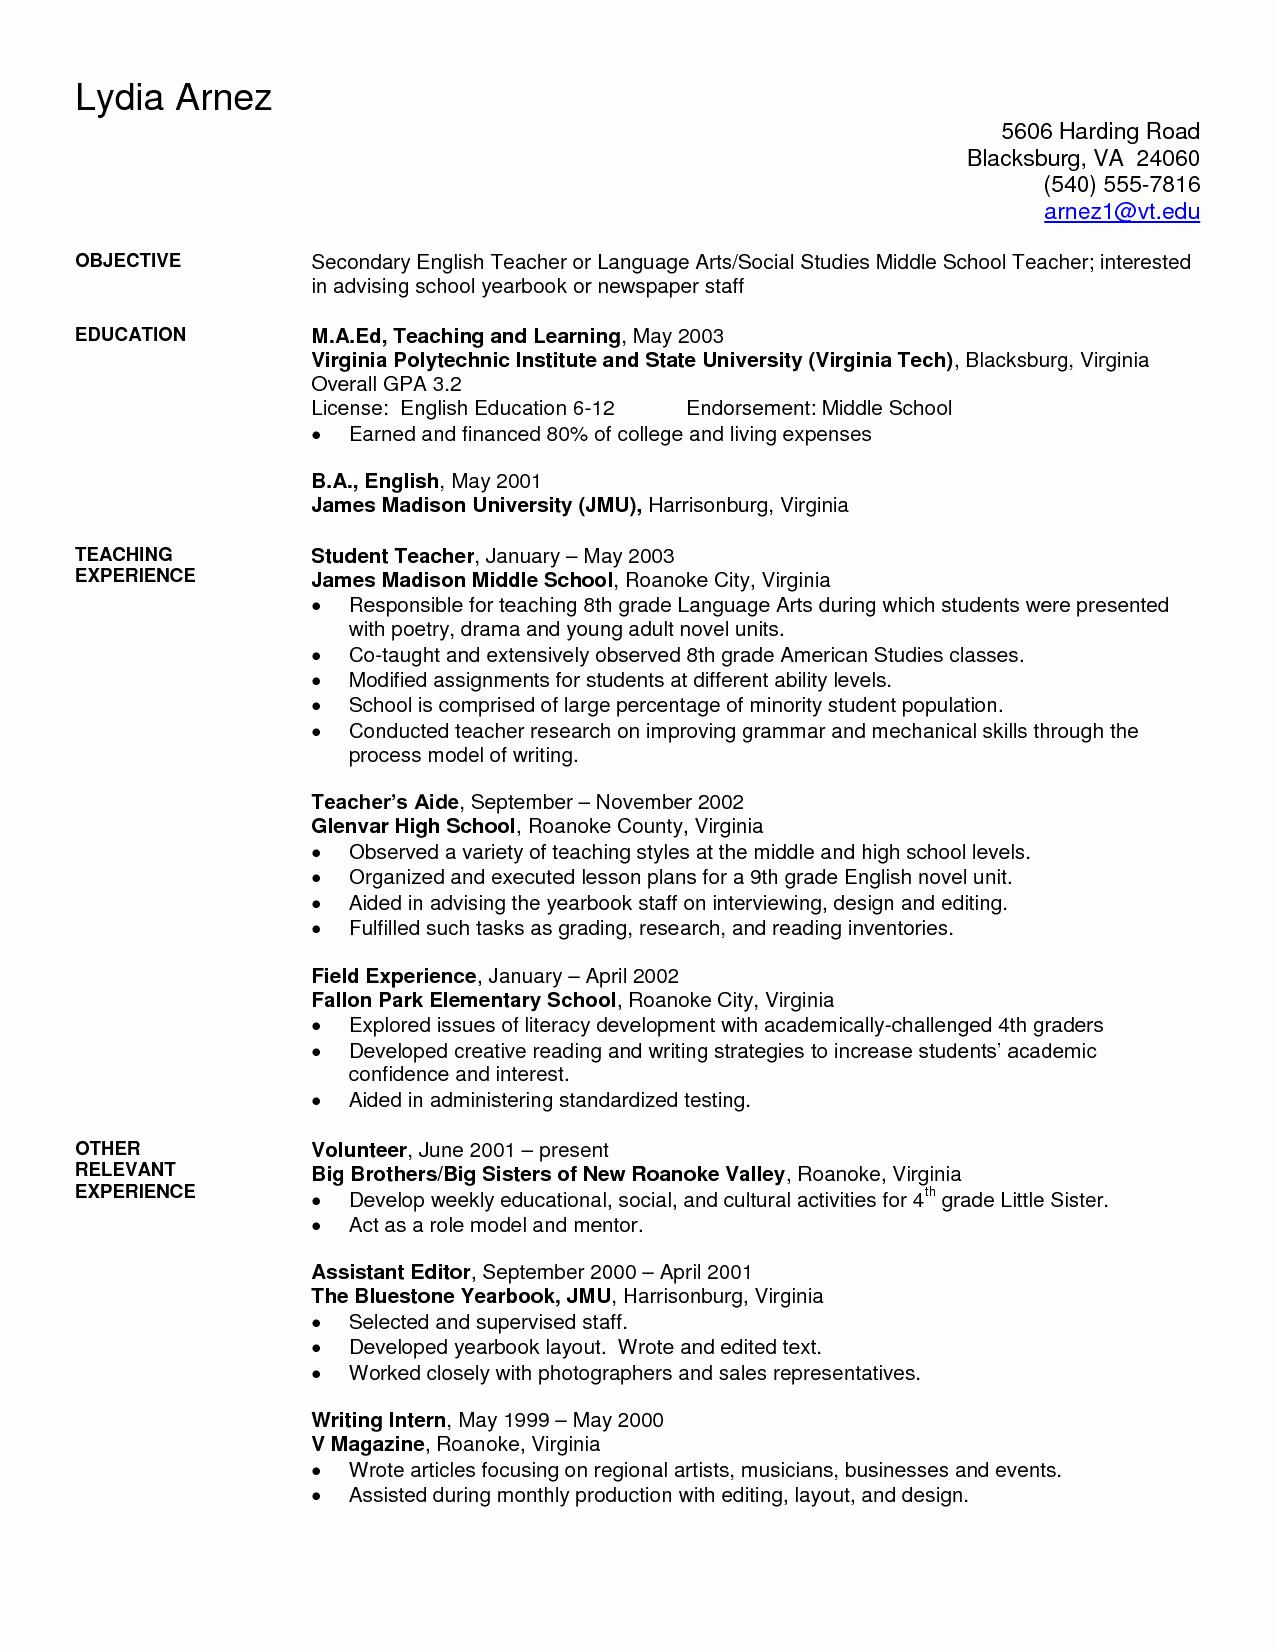 Resume Cover Letter Virginia Tech